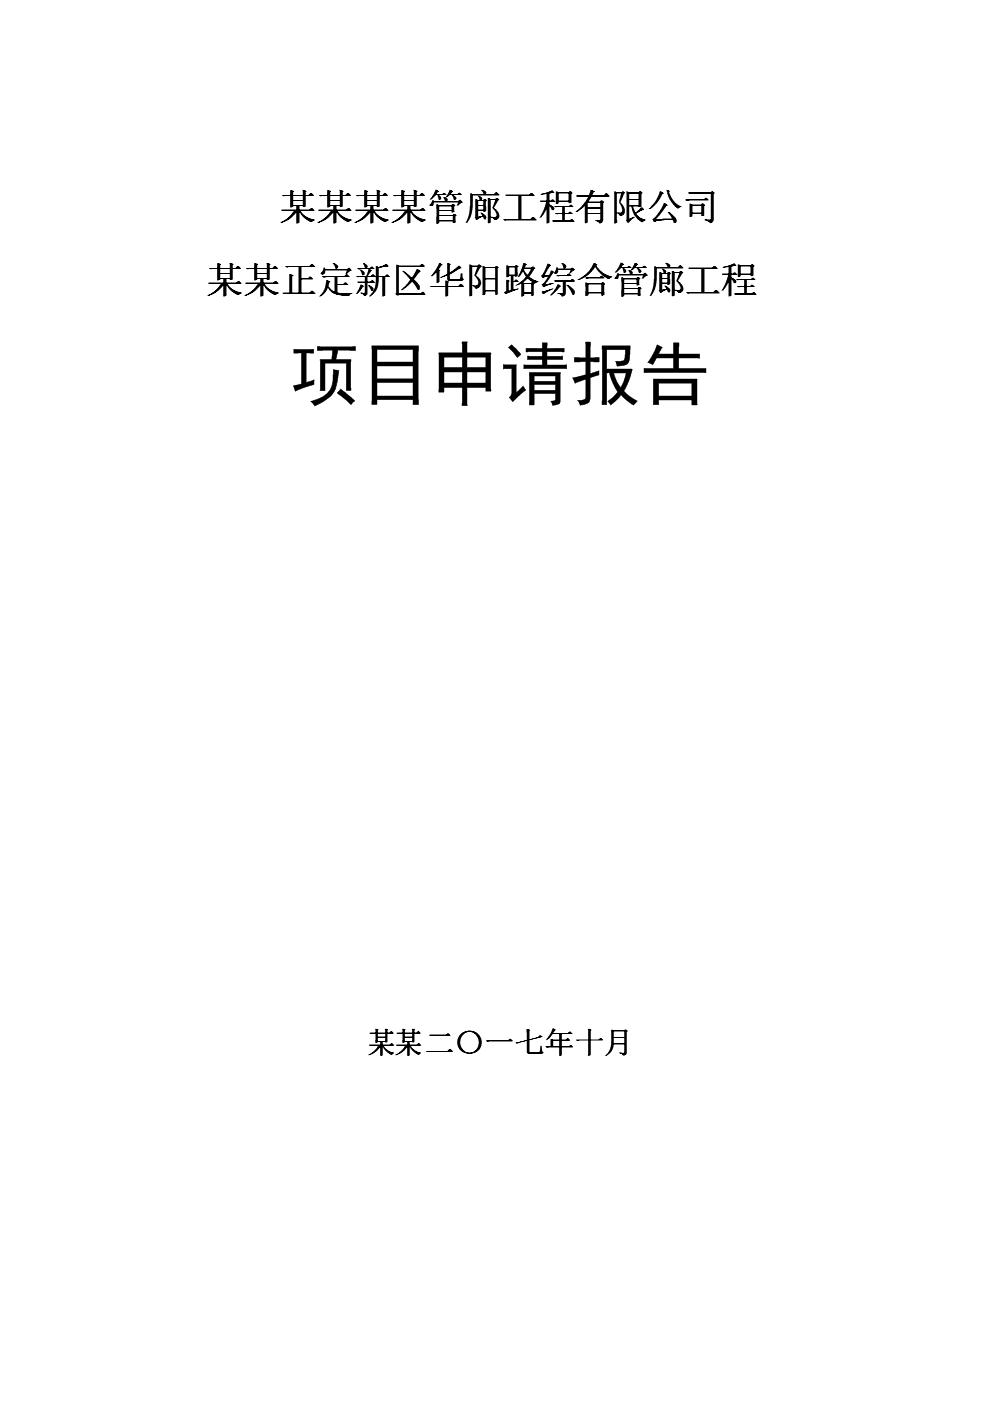 某某省某某市华阳路综合管申请报告廊修改版_管廊.docx